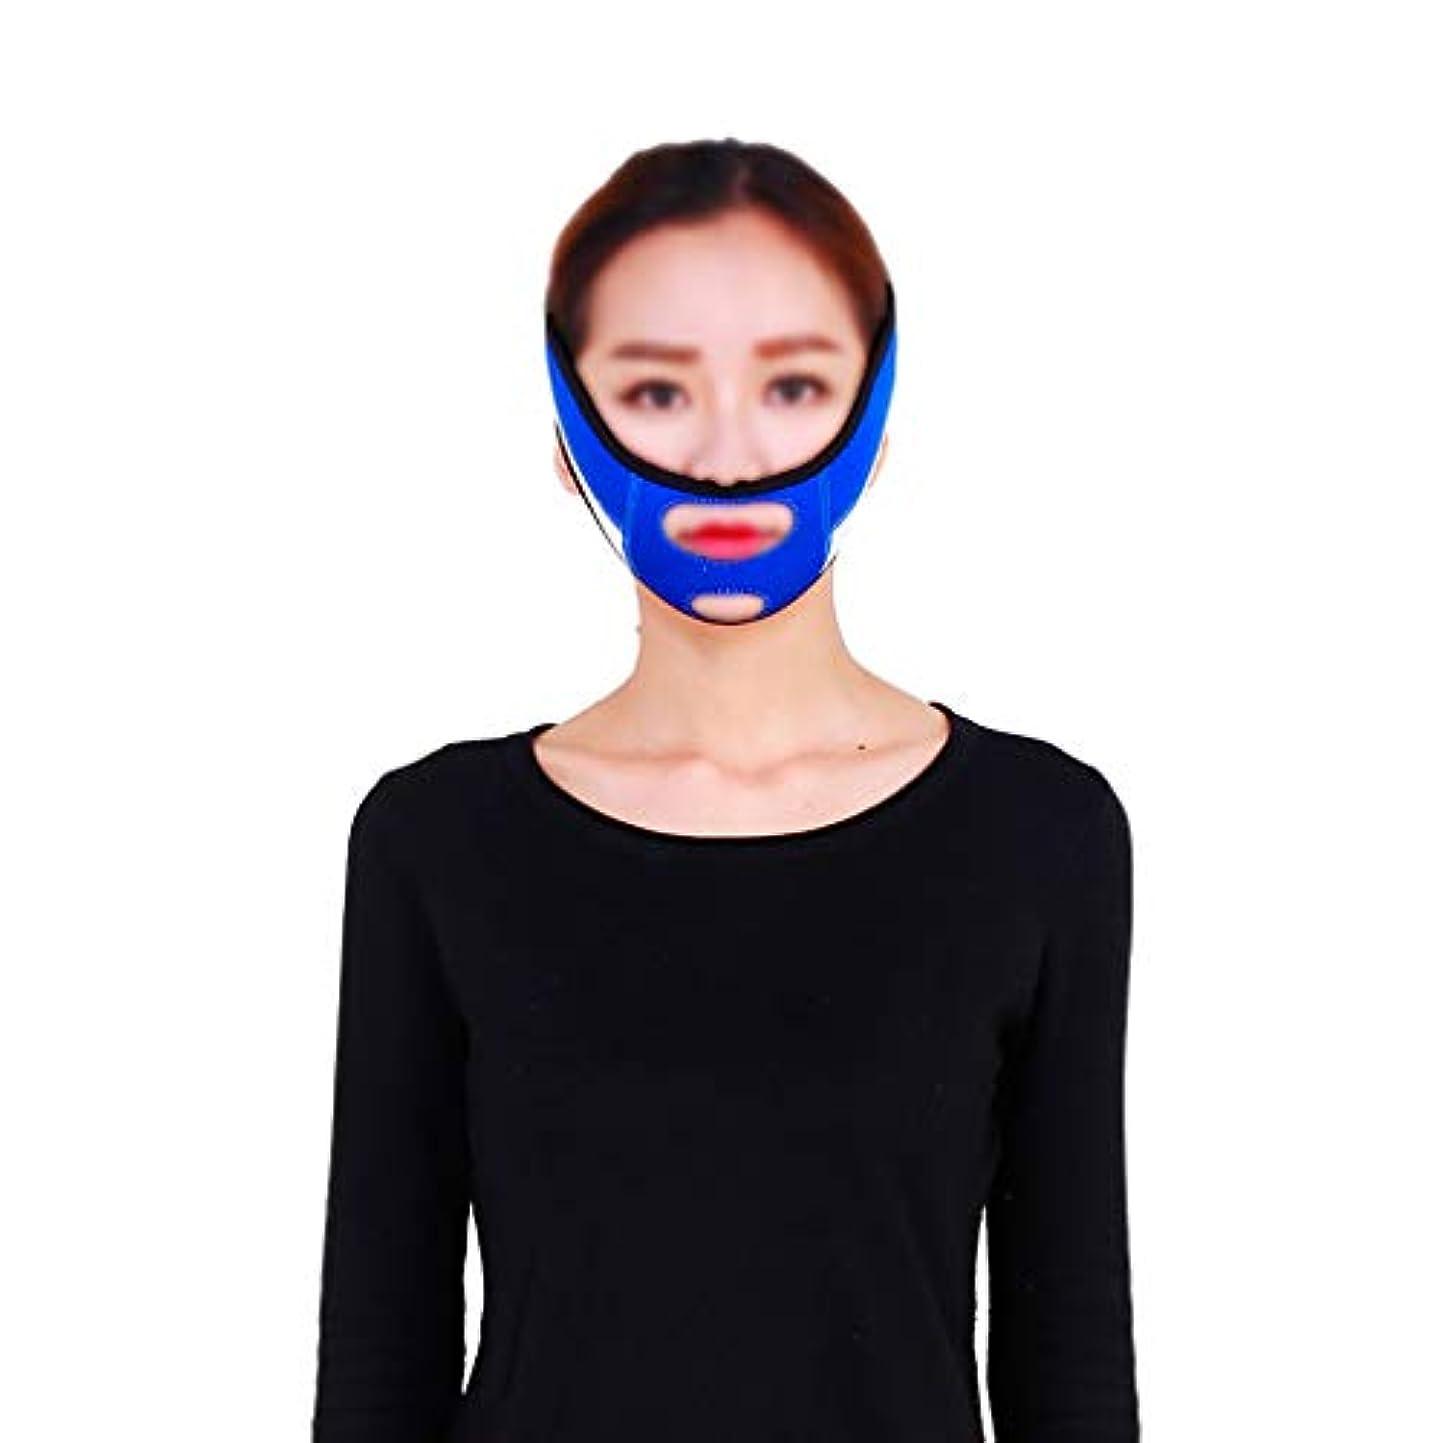 受取人芸術卵GLJJQMY ファーミングマスクスモールVフェイスアーティファクトリフティングマスク調整ポート強化垂下肌収縮スリップ弾性ストレッチ包帯 顔用整形マスク